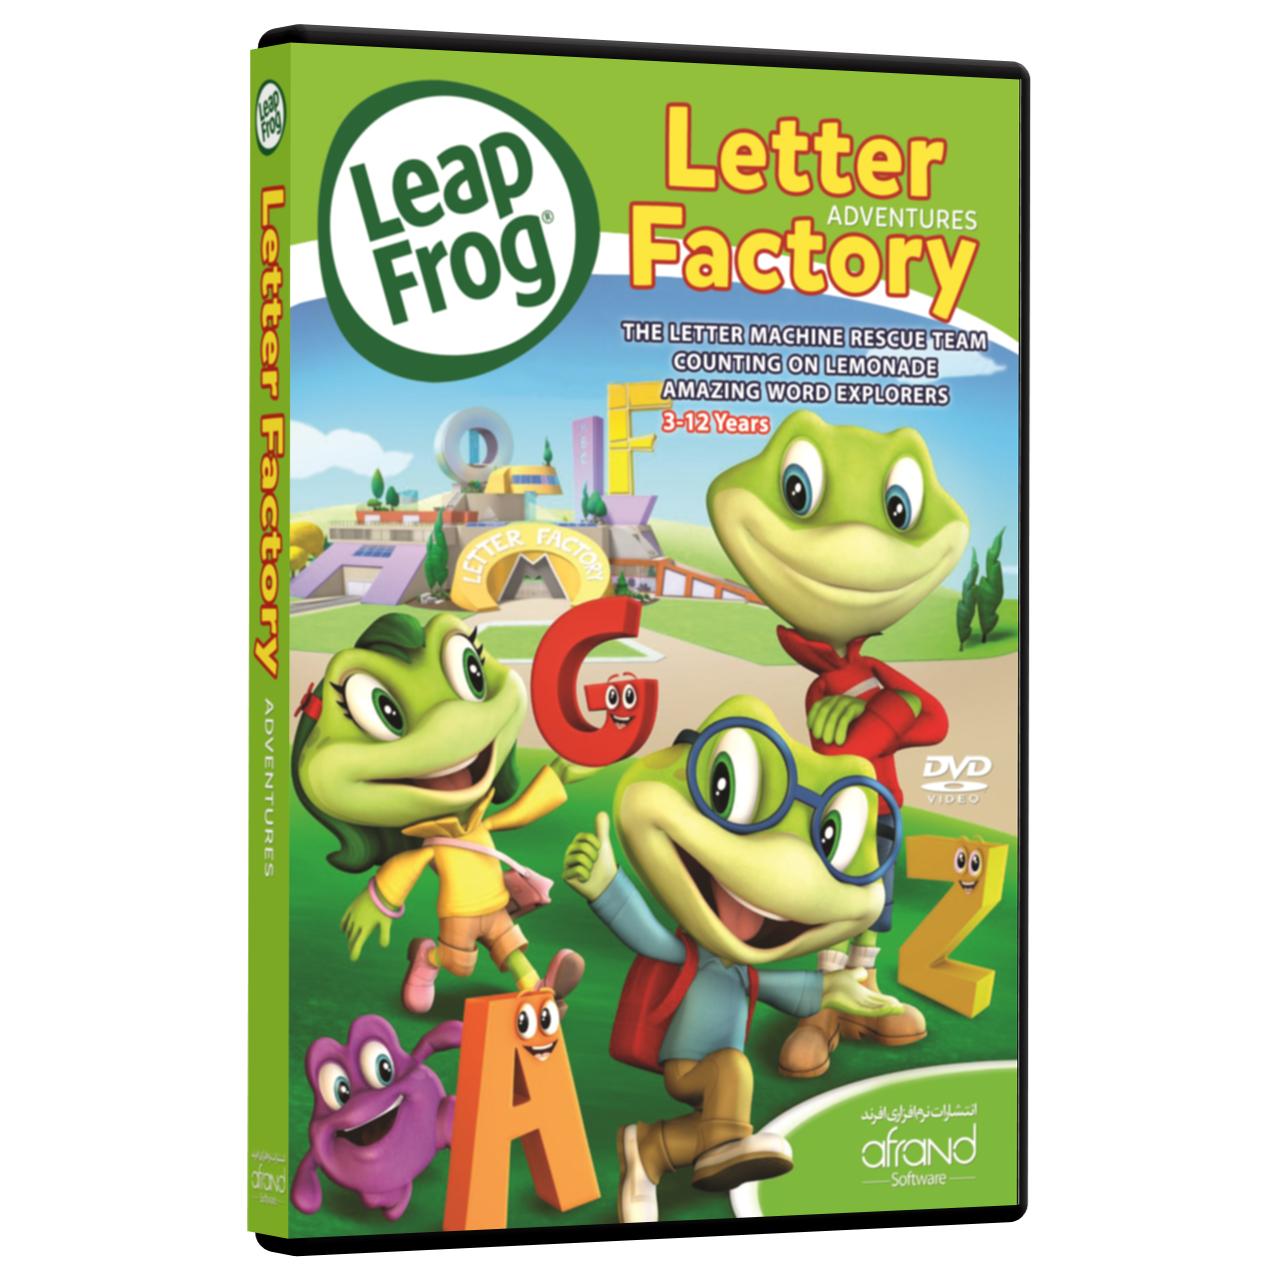 فیلم آموزش زبان انگلیسی LeapFrog Letter Factory انتشارات نرم افزاری افرند